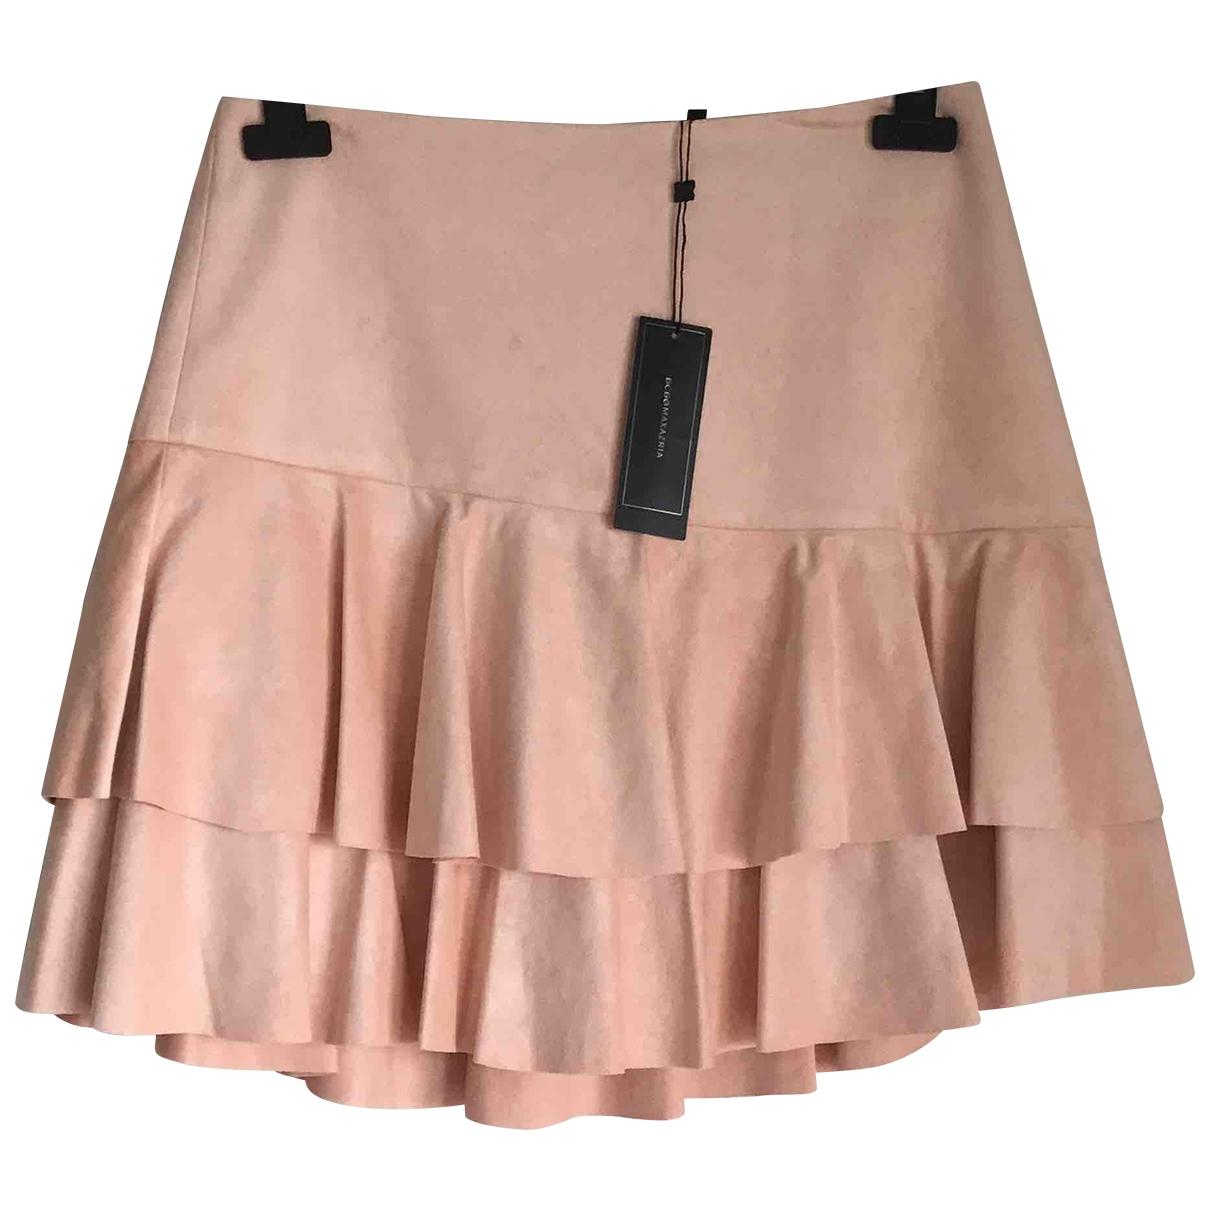 Bcbg Max Azria \N skirt for Women M International